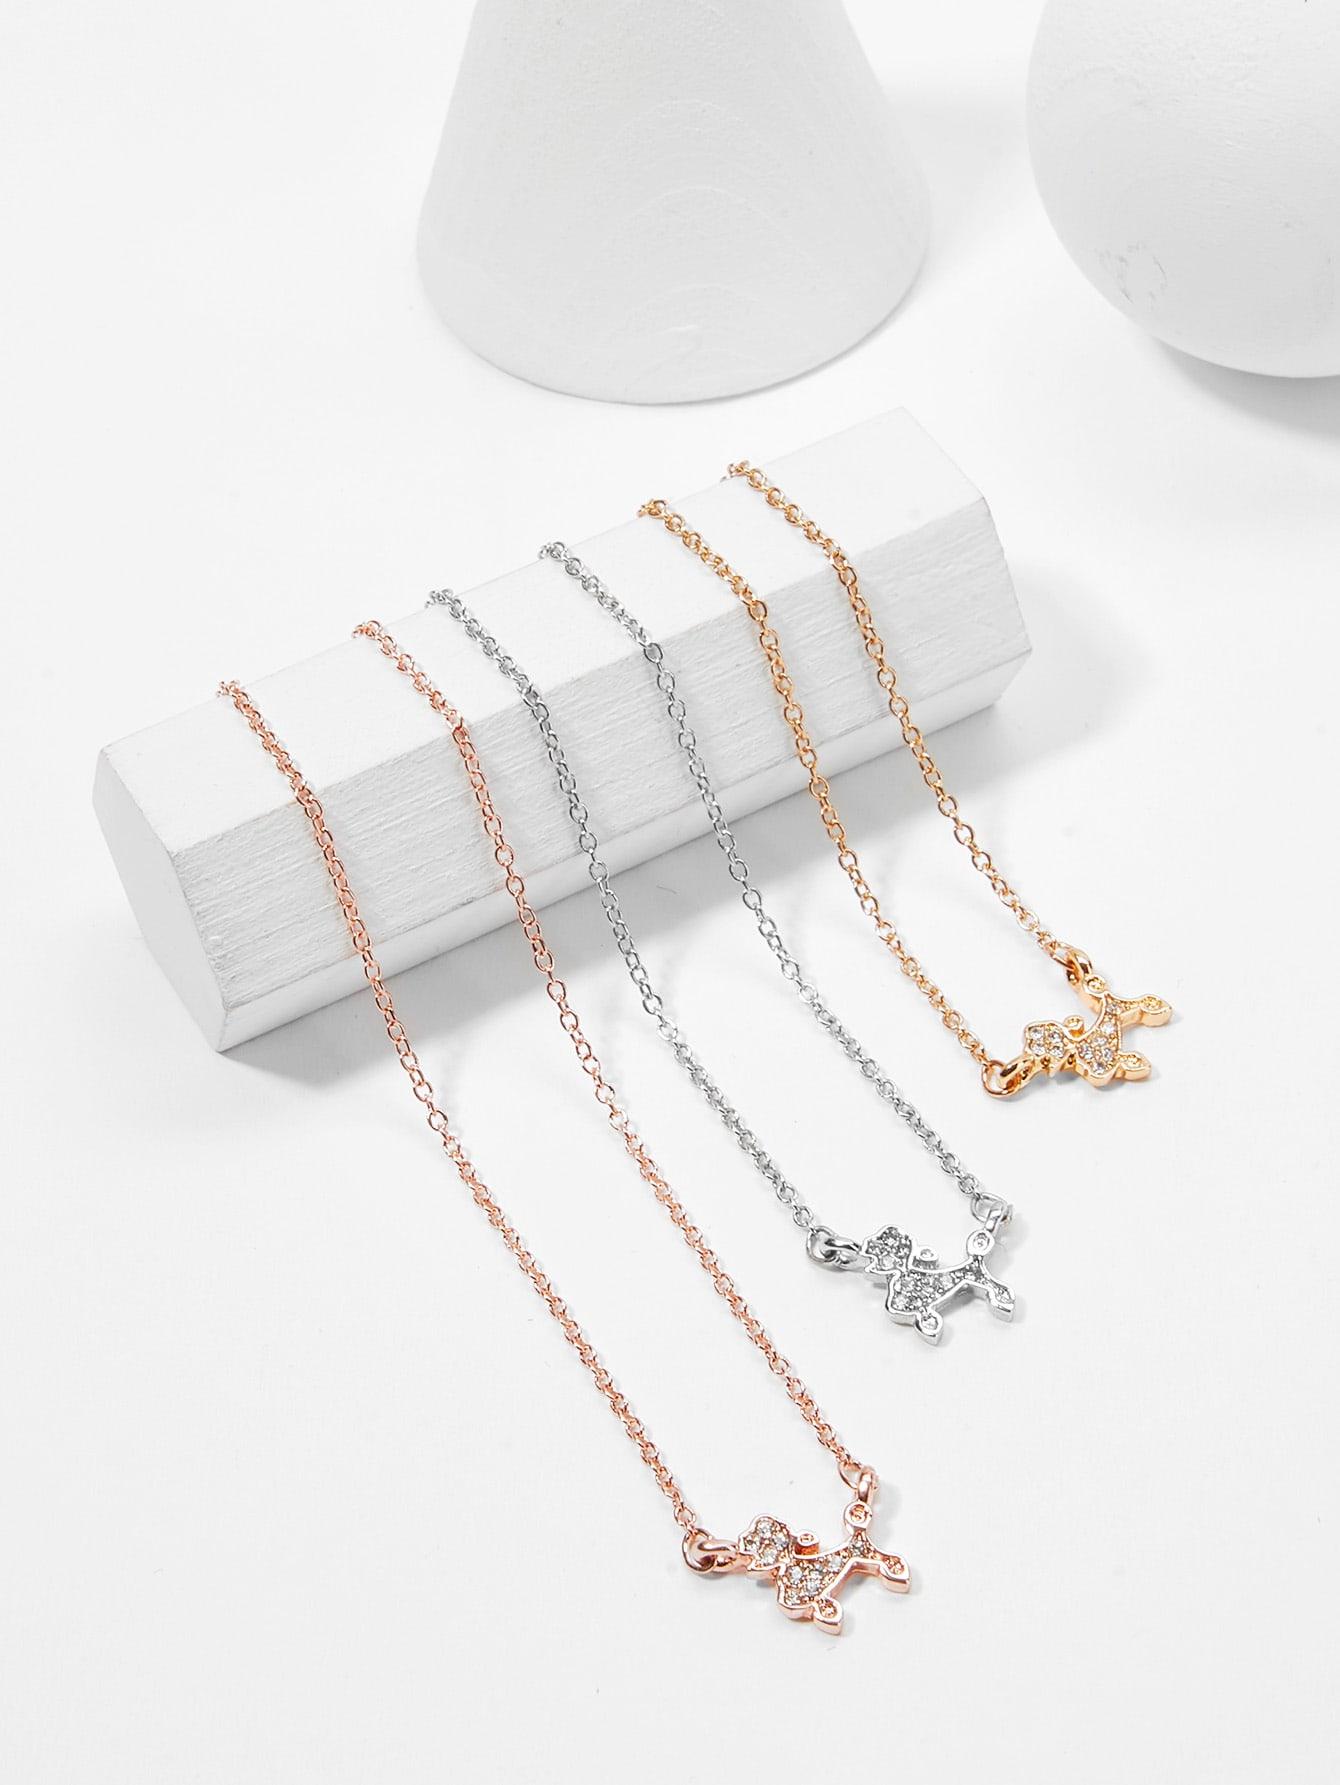 Rhinestone Dog Pendant Necklace Set 3pcs hollow heart pendant necklace set 3pcs